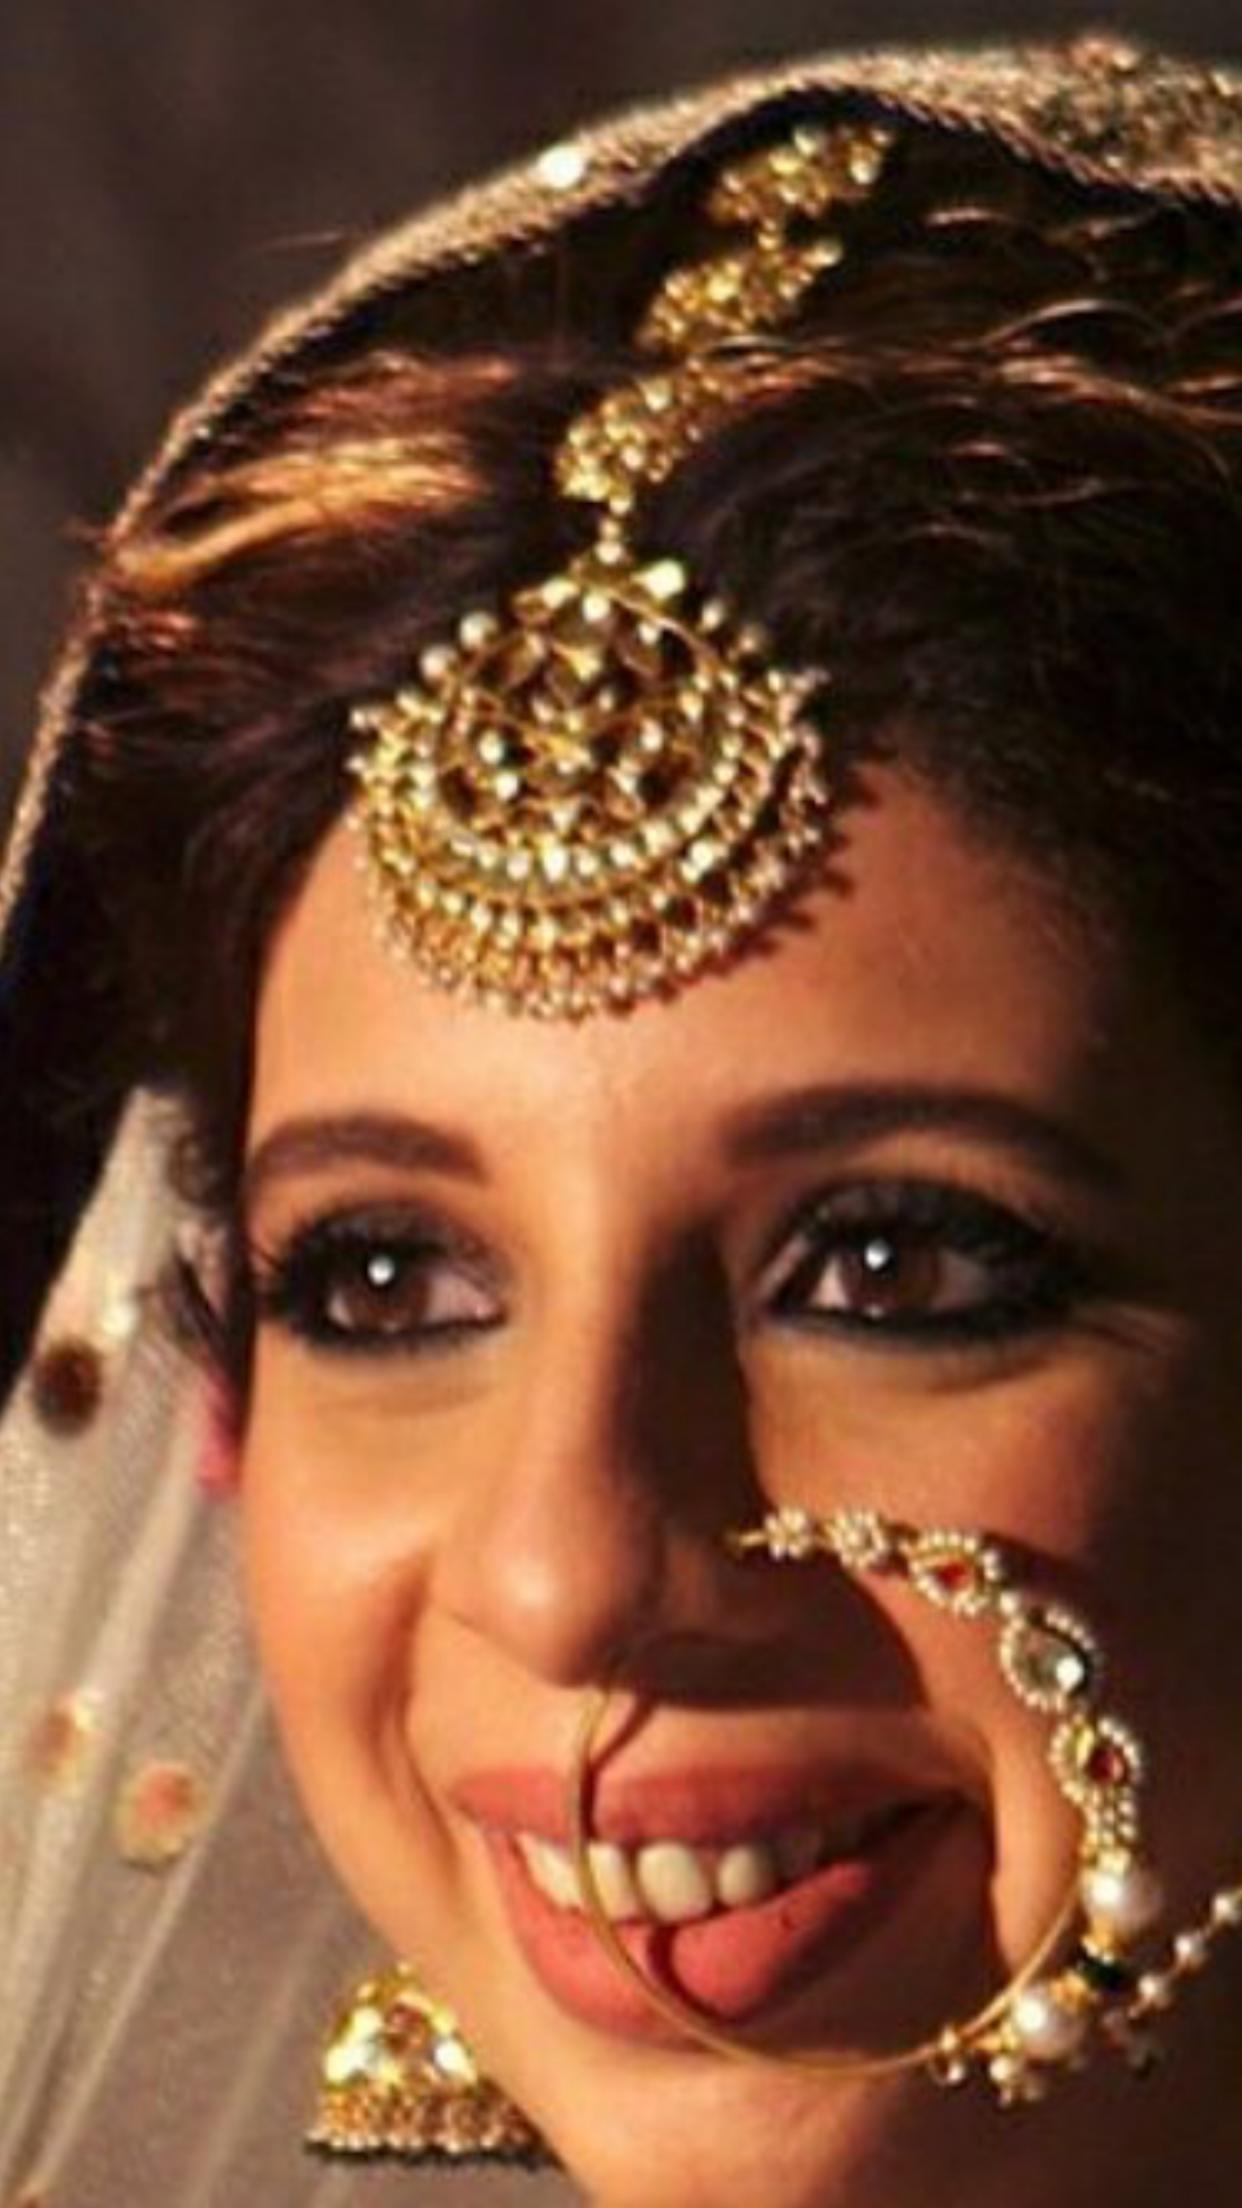 pin by sangeetha on hair ornaments & mattal | bridal hair